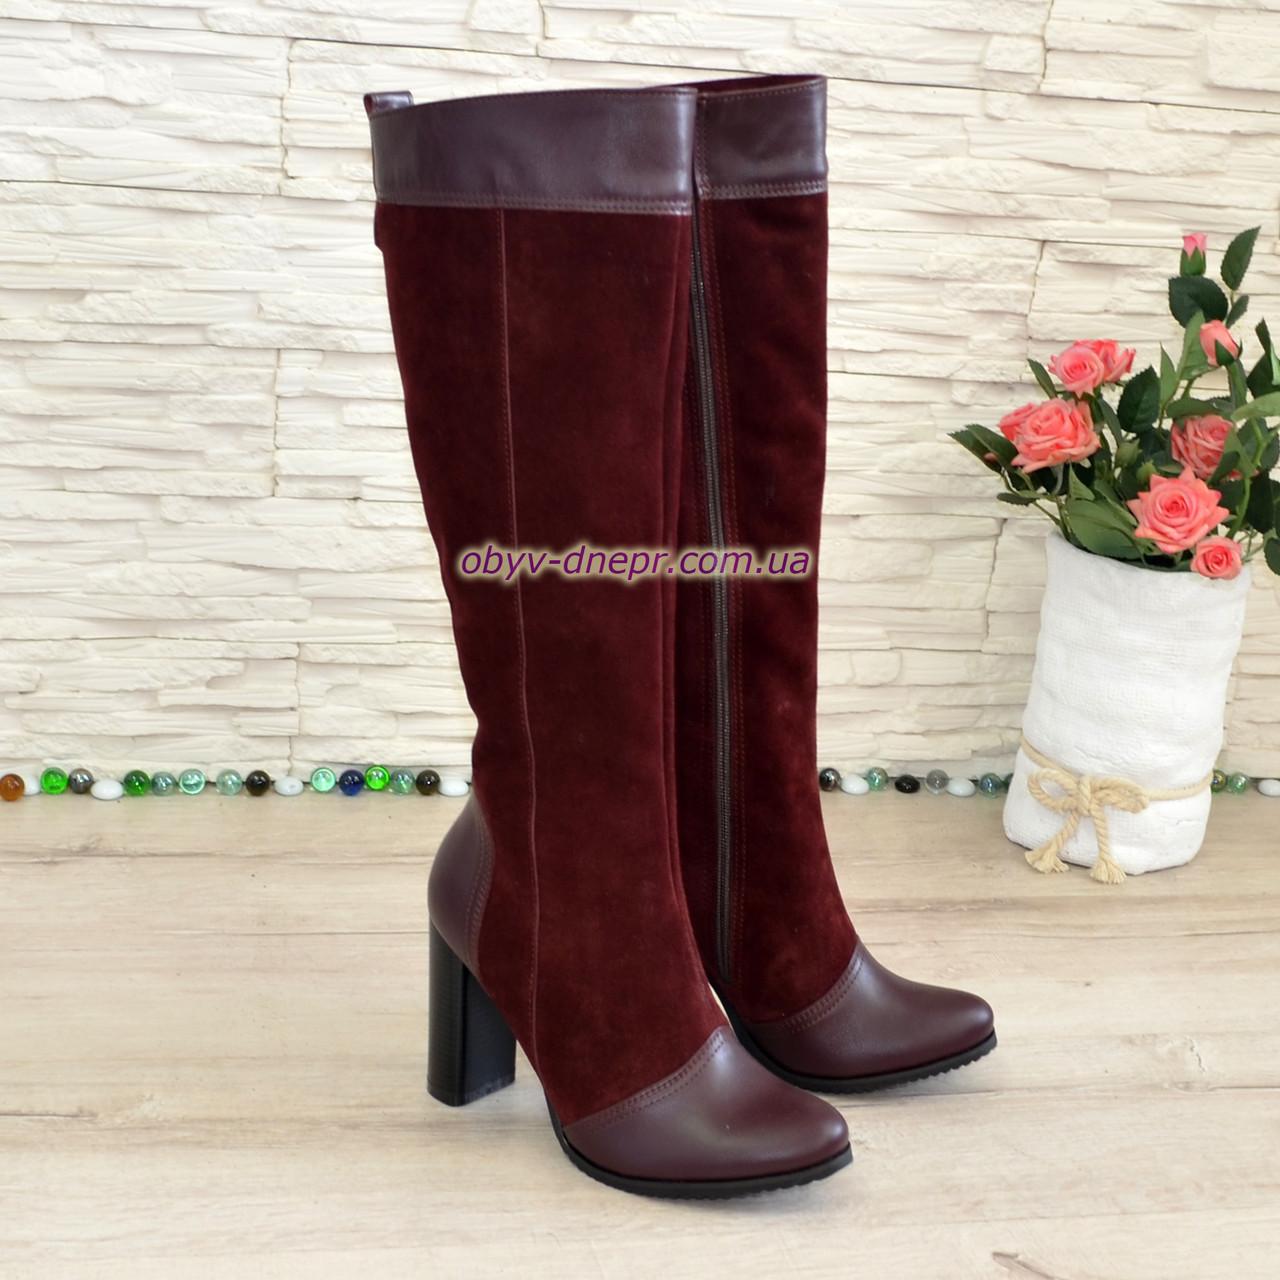 Жіночі чоботи з натуральної шкіри та замші на високому каблуці